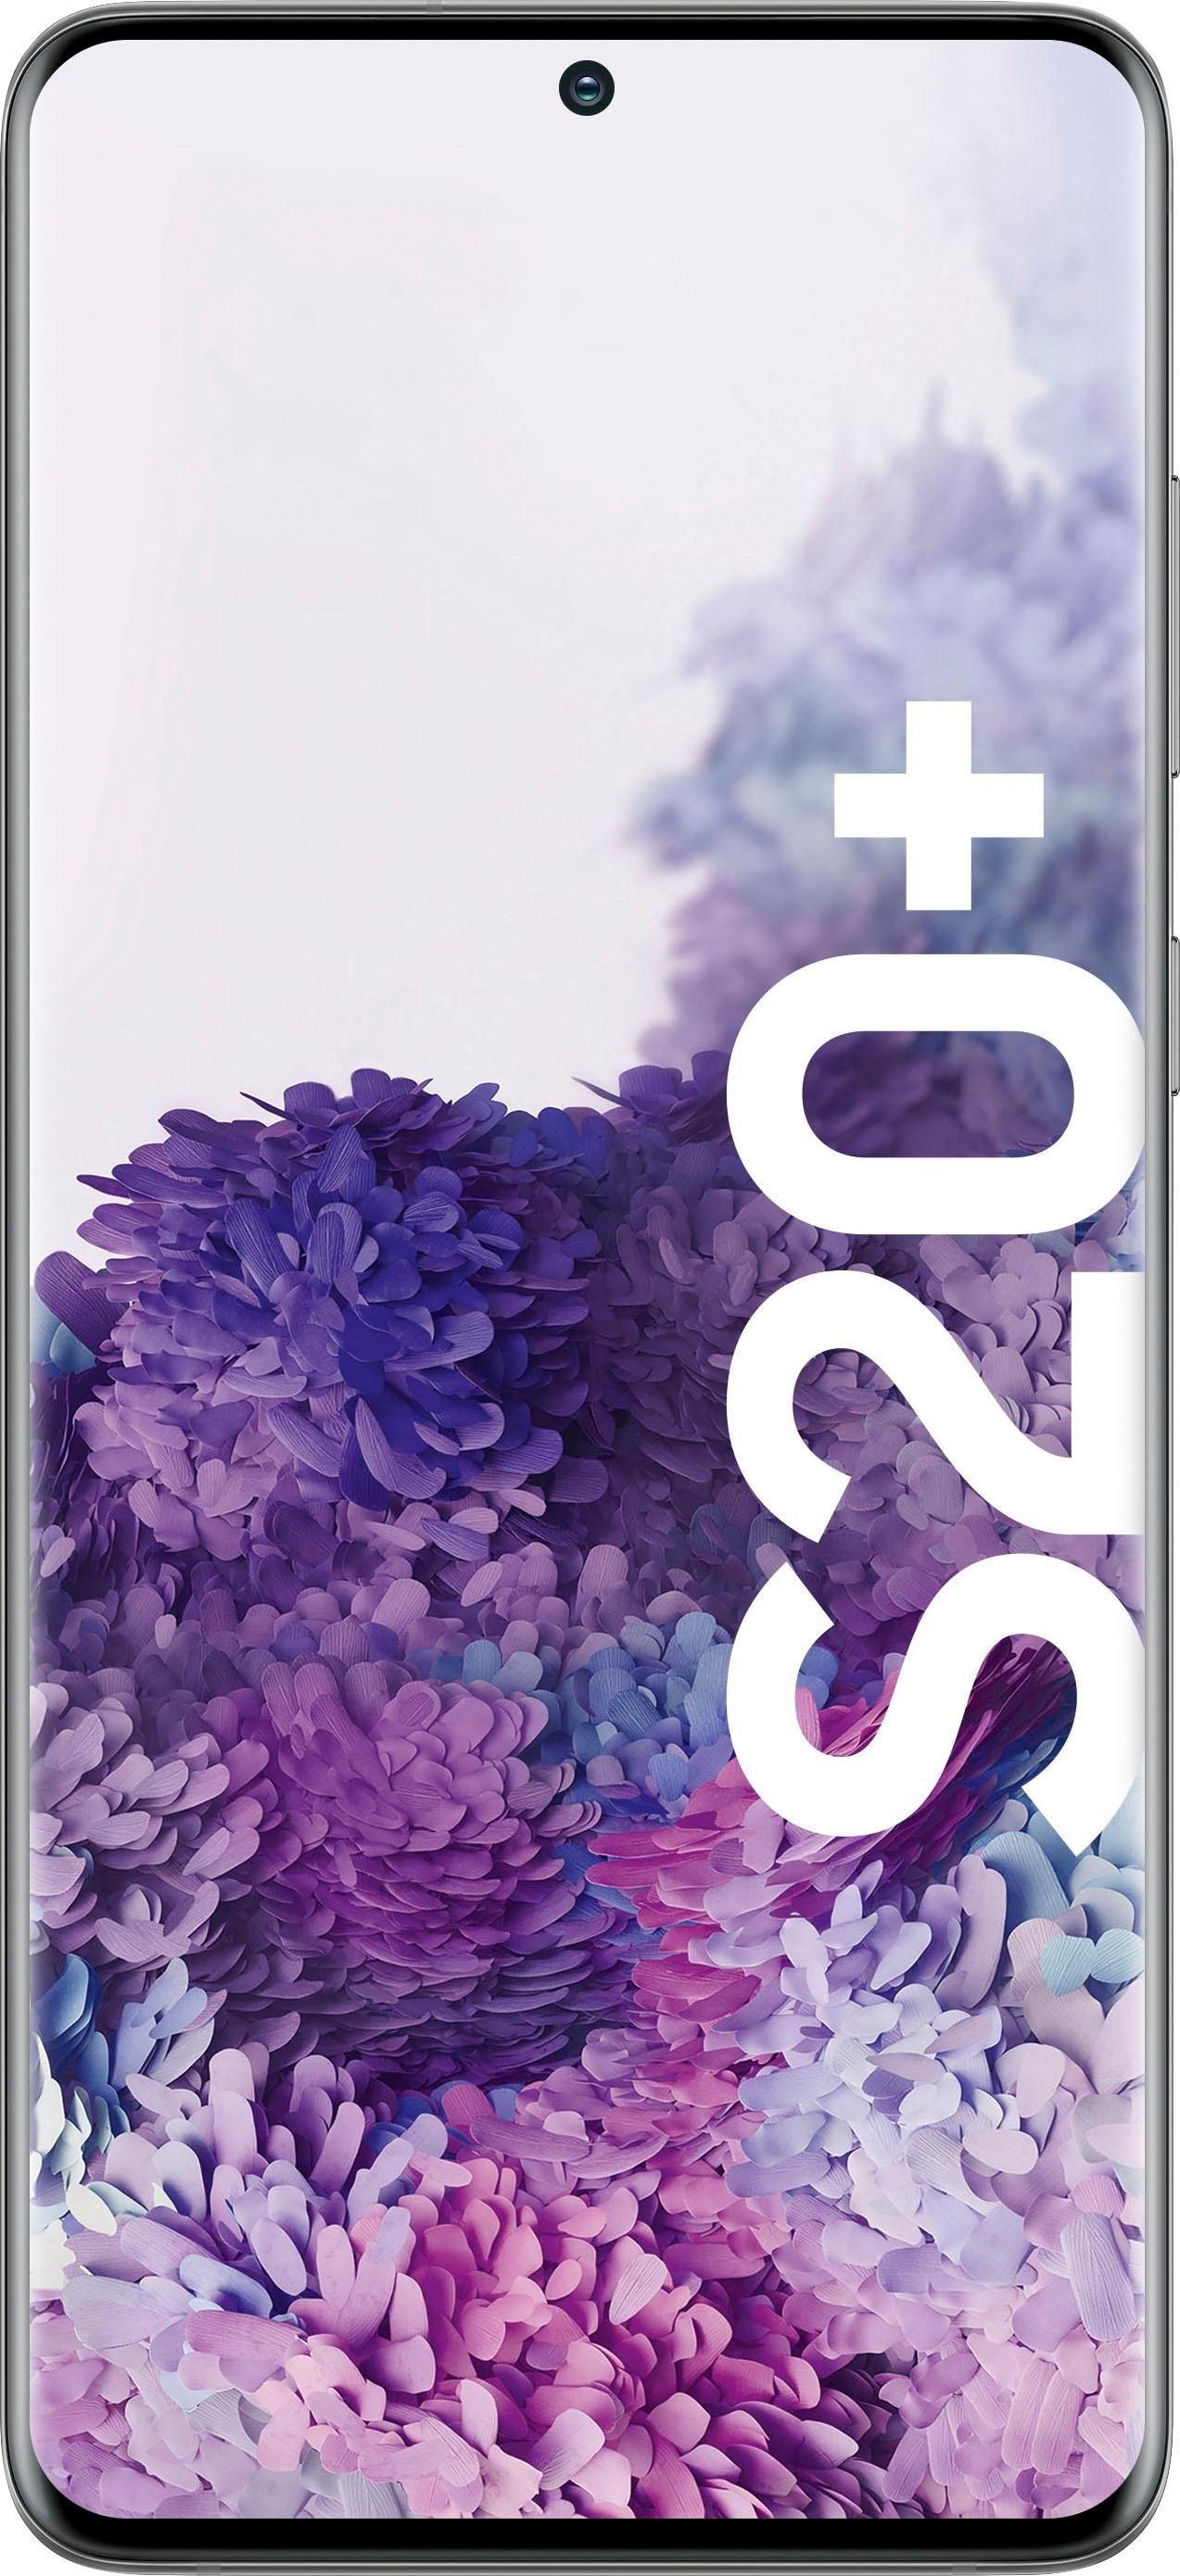 SAMSUNG Galaxy S20+ Smartphone (16,95 cm / 6,7 inch, 128 GB, 12 MP Camera) nu online bestellen